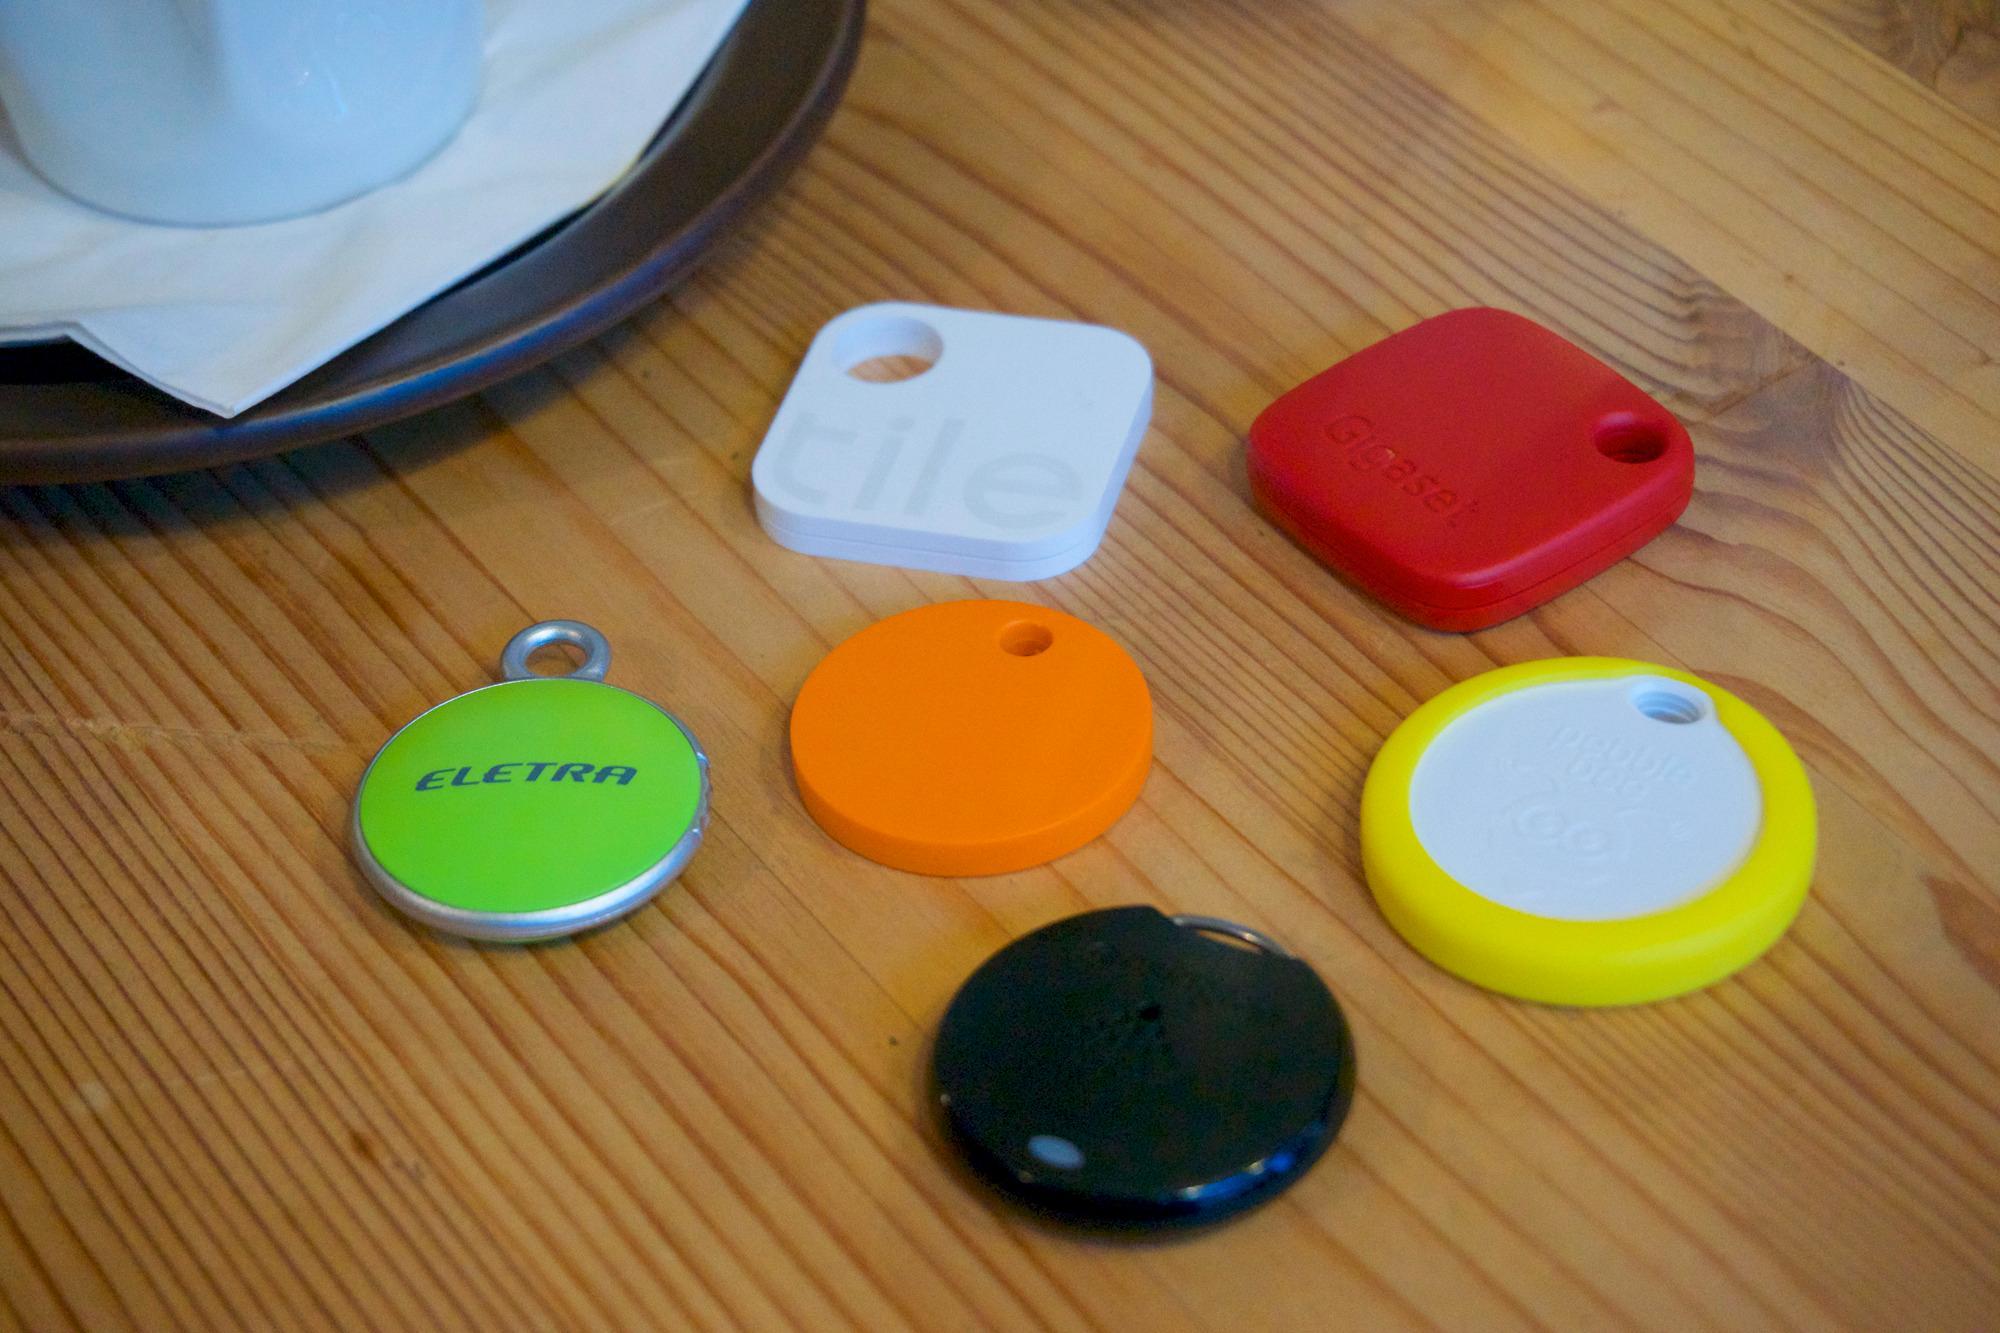 Alle brikkene samlet. Chipolo (oransje) og Eletra Bluetooth Tracker (grønn) er omtrent på størrelse med en 20-kroning, men ingen av brikkene er – som du kan se – spesielt store. Foto: Torstein Norum Bugge, Tek.no